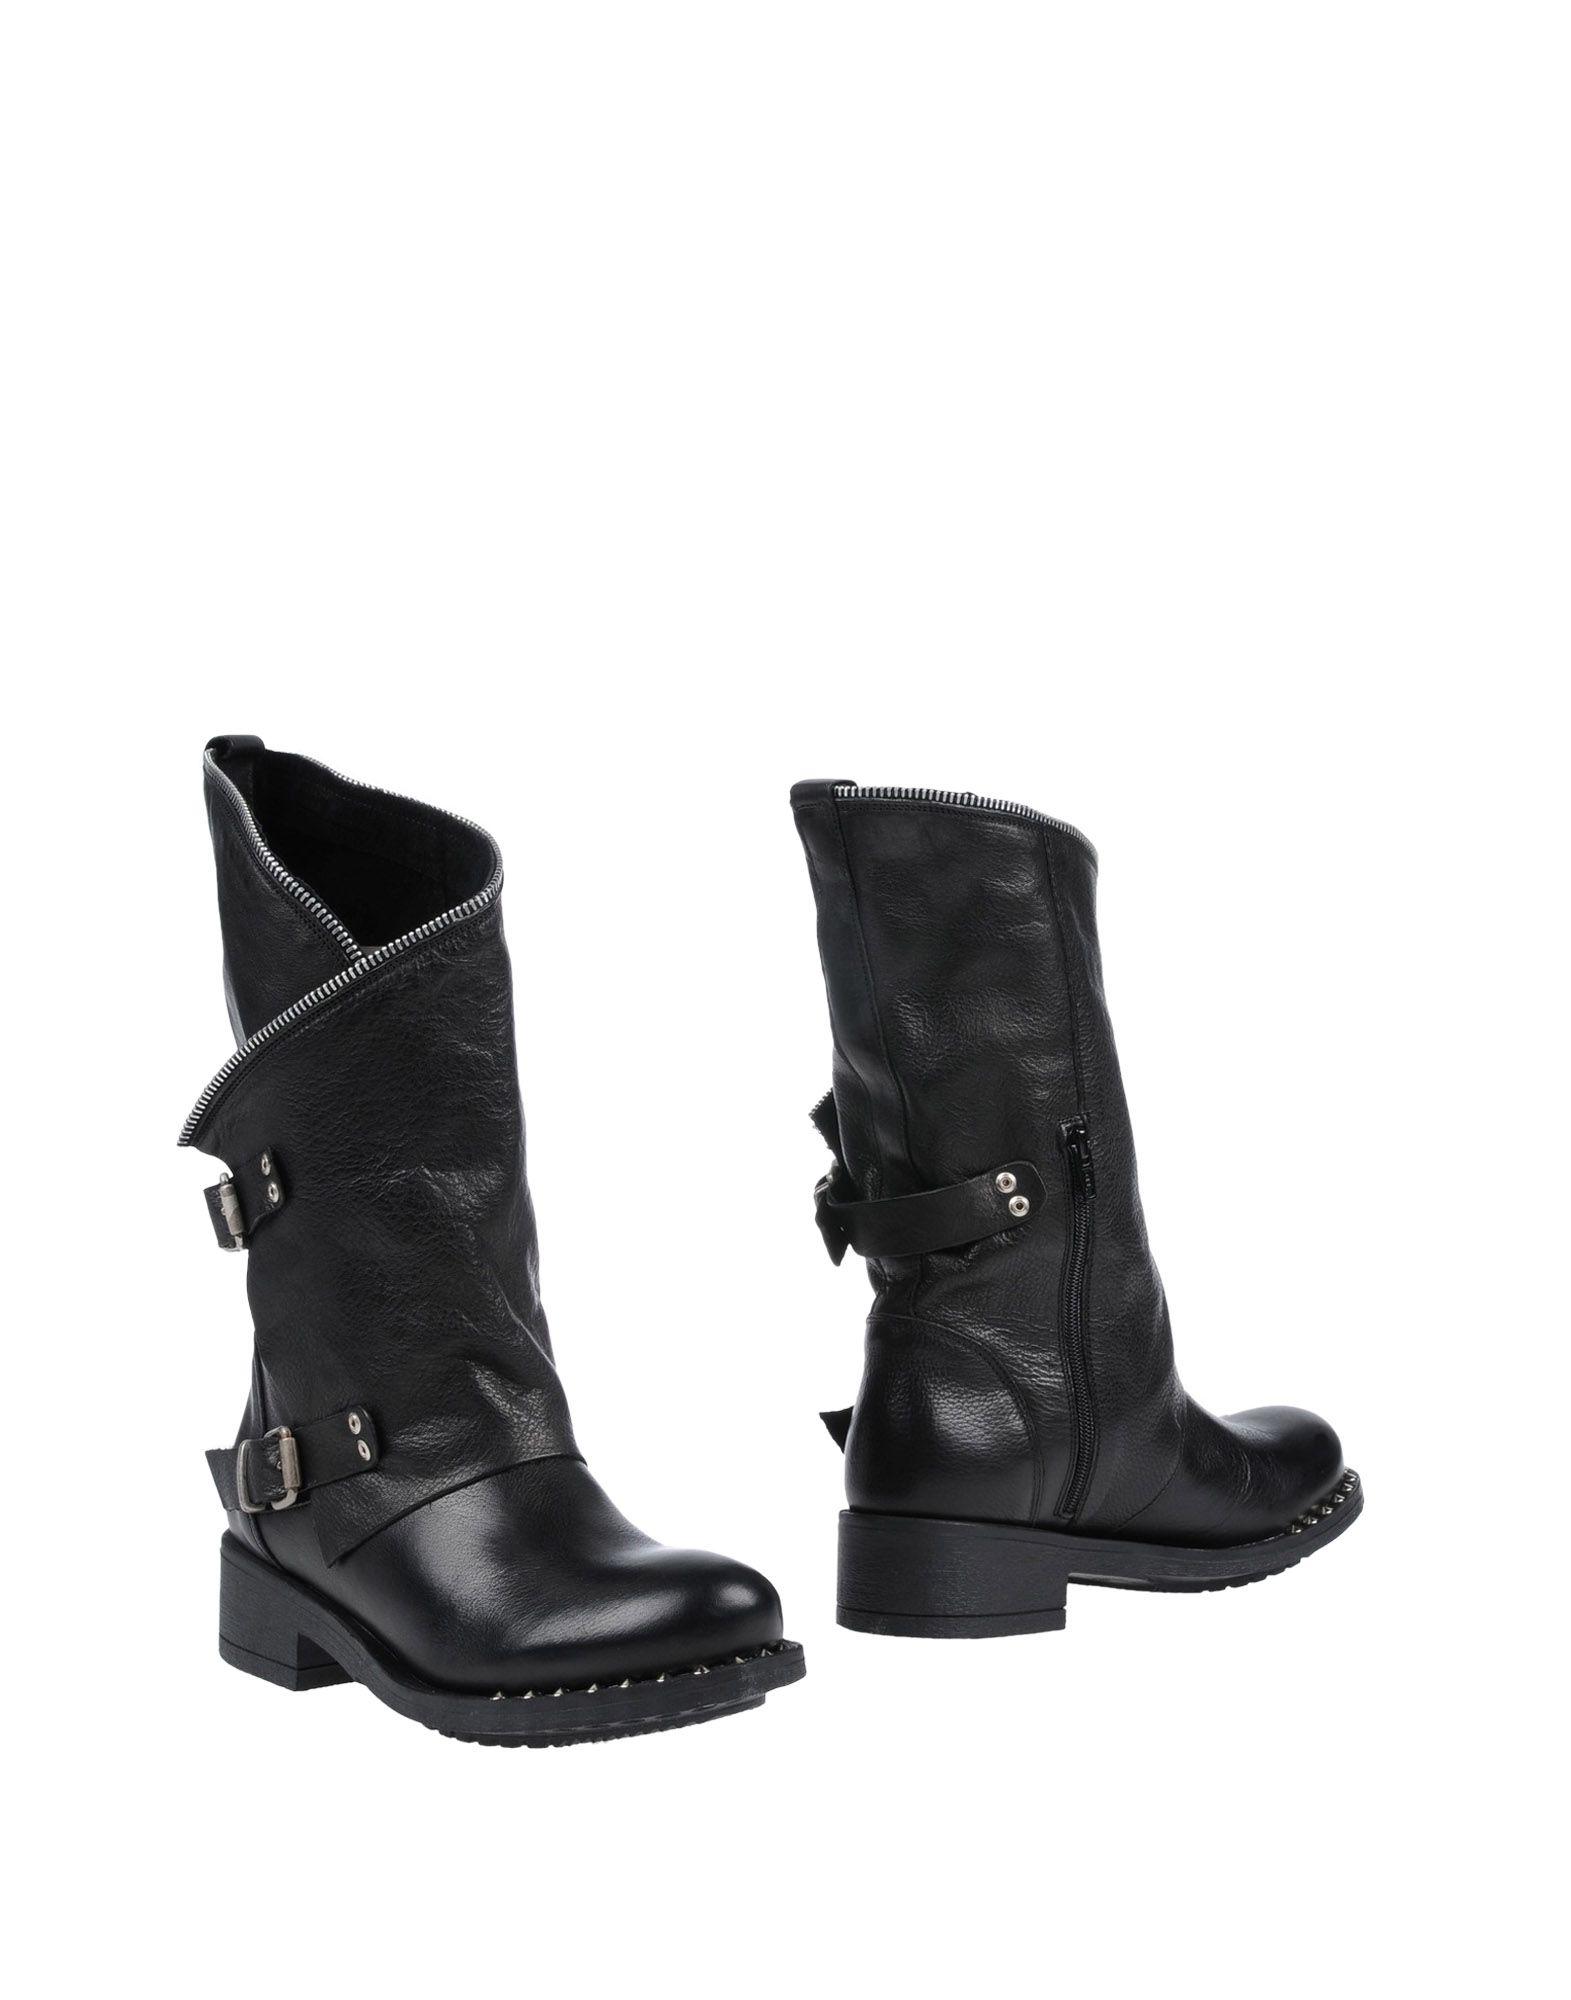 Stilvolle billige Stiefel Schuhe Metisse Stiefel billige Damen  11451850FG d962f8